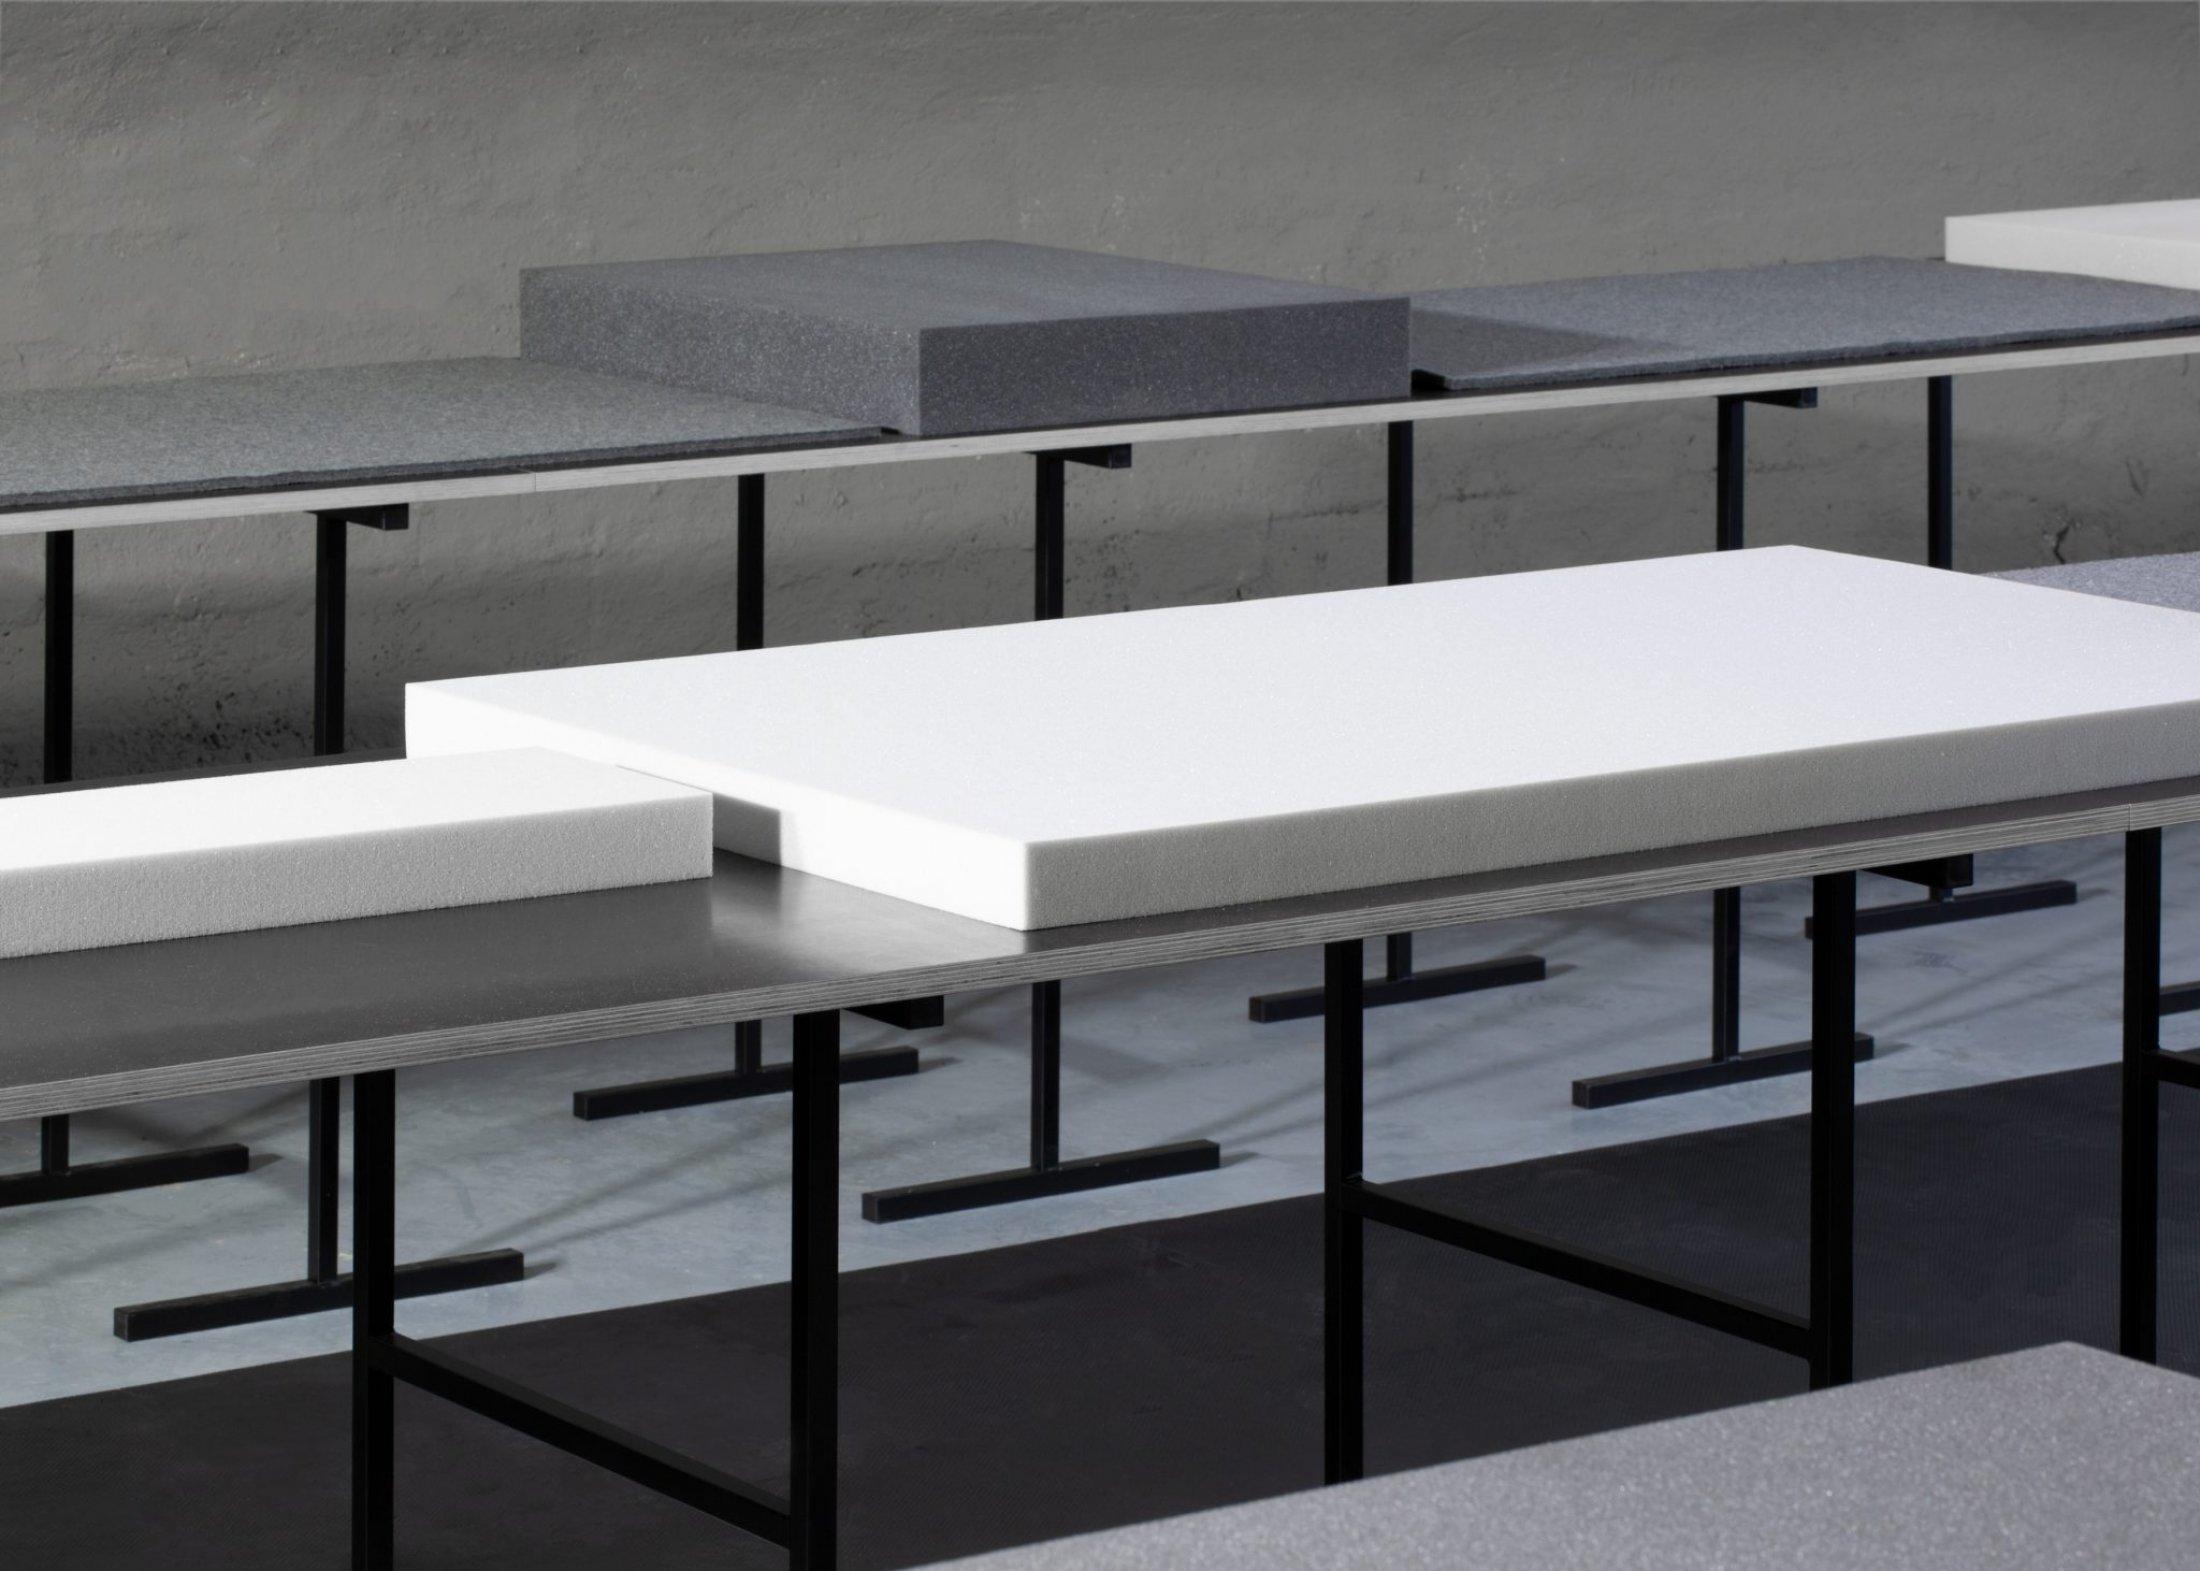 Thomas Adank -  1017-ALYX-9SM -  Spatial Prototypes